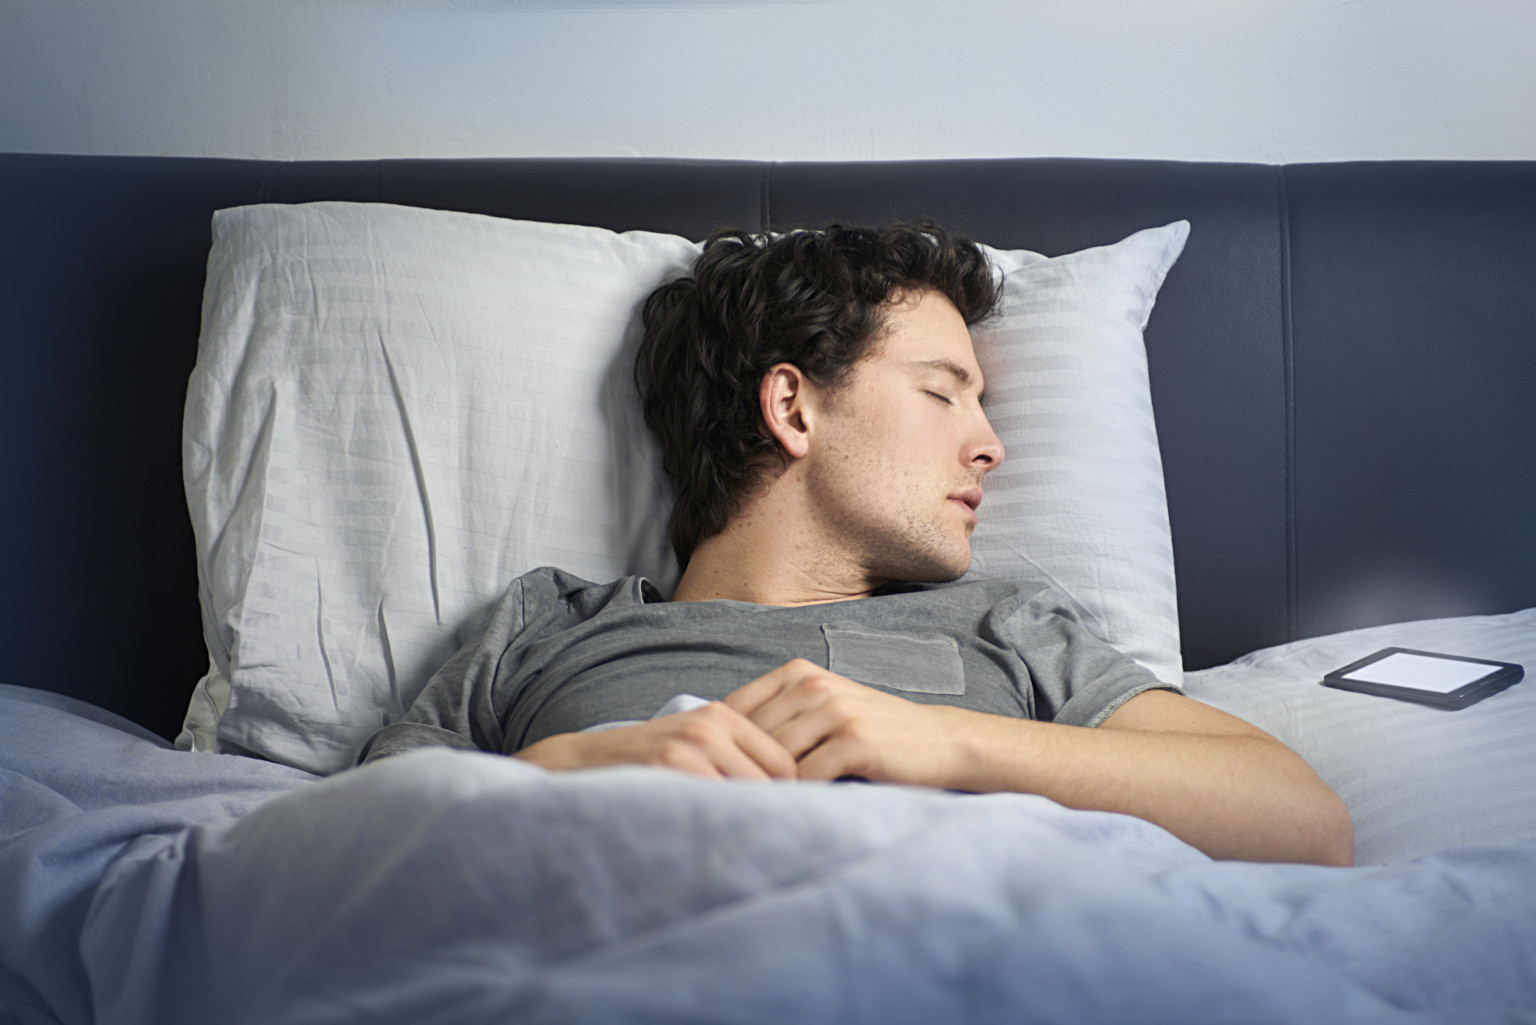 Online dating nightmare - 1 part 8